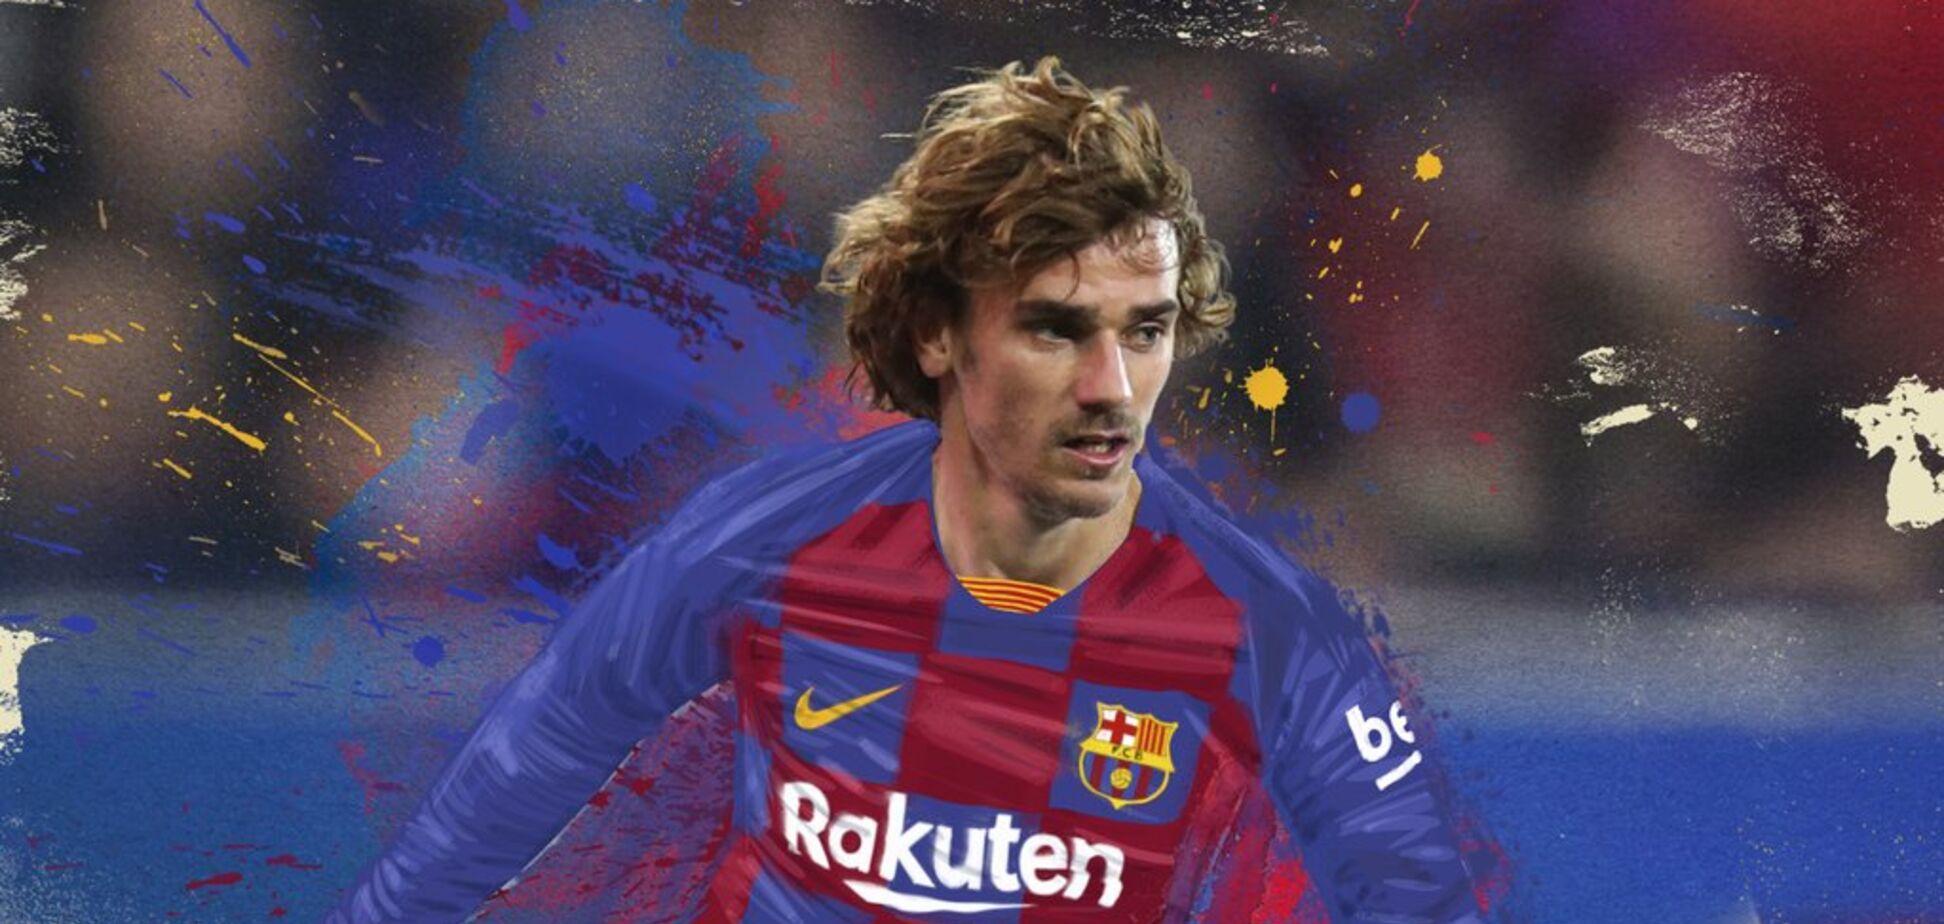 Контракт на 800 млн: 'Барселона' оголосила про найбільш очікуваний трансфер року